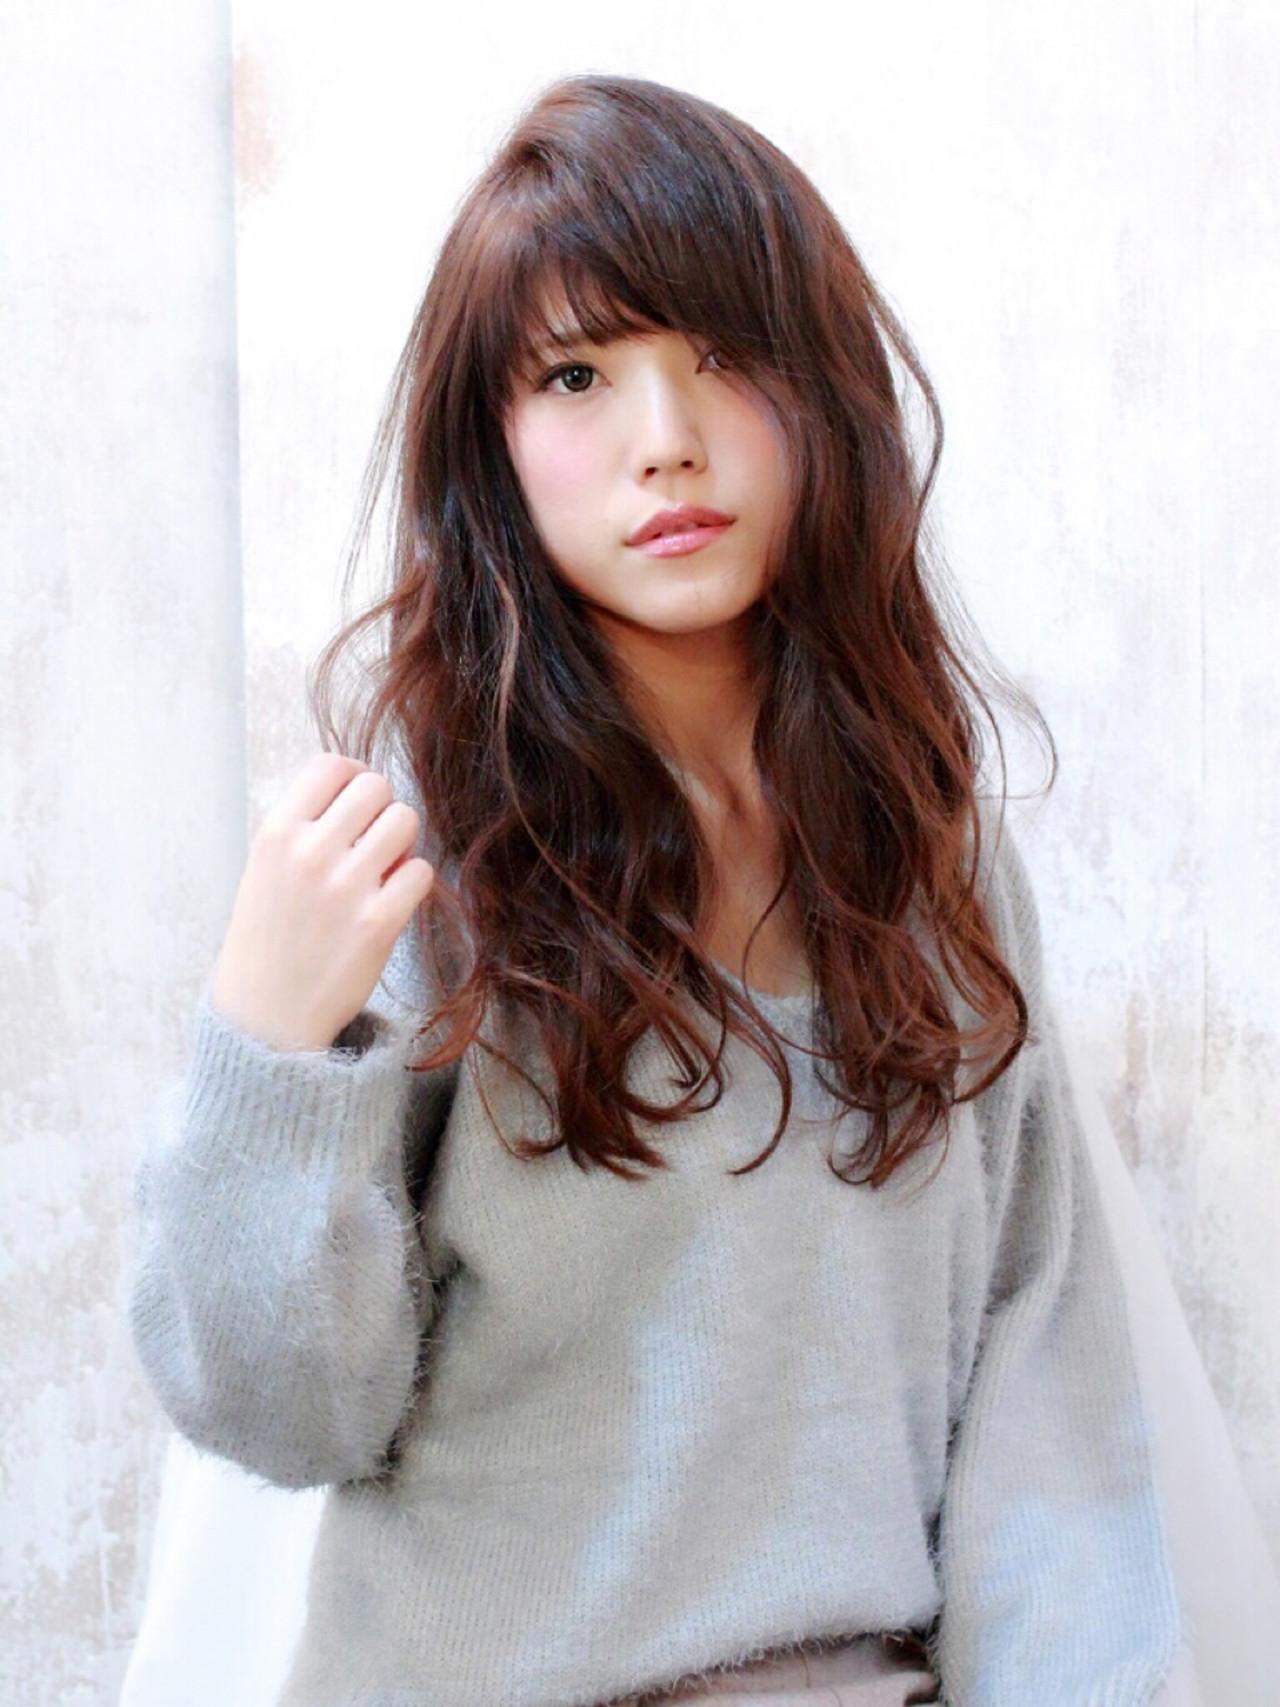 ナチュラル おフェロ ゆるふわ グラデーションカラー ヘアスタイルや髪型の写真・画像 | Marika Yoshioka /